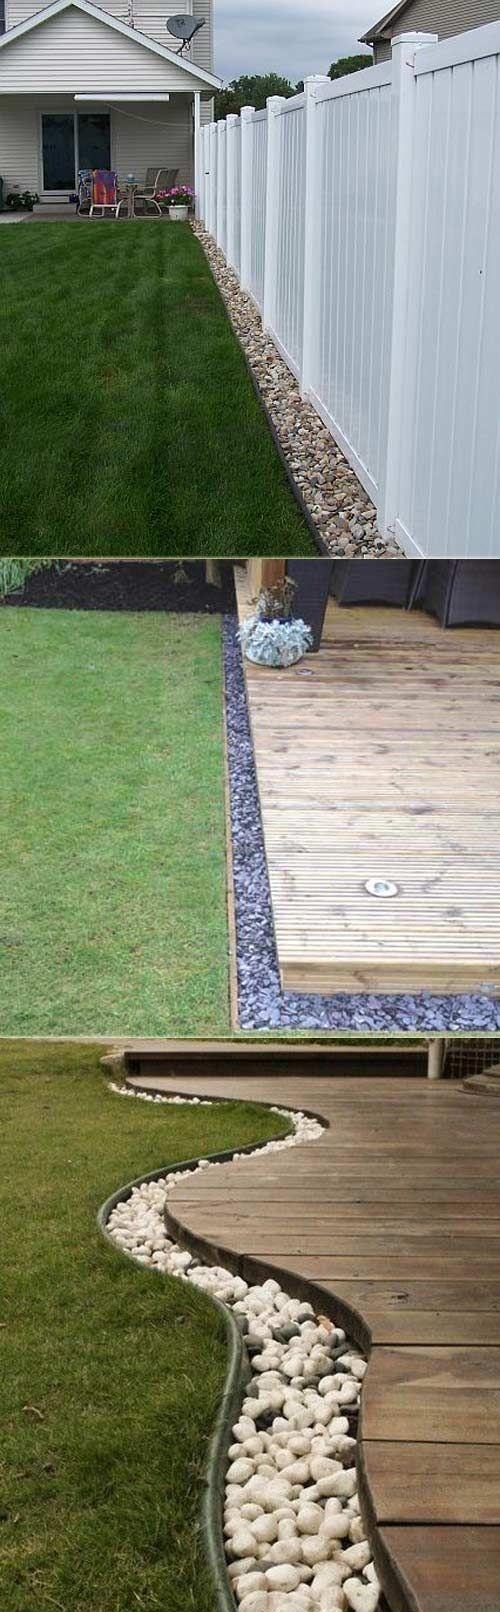 Créez Des Enclos De Jardin Fantastiques Pour Améliorer Votre ... tout Enclos Jardin